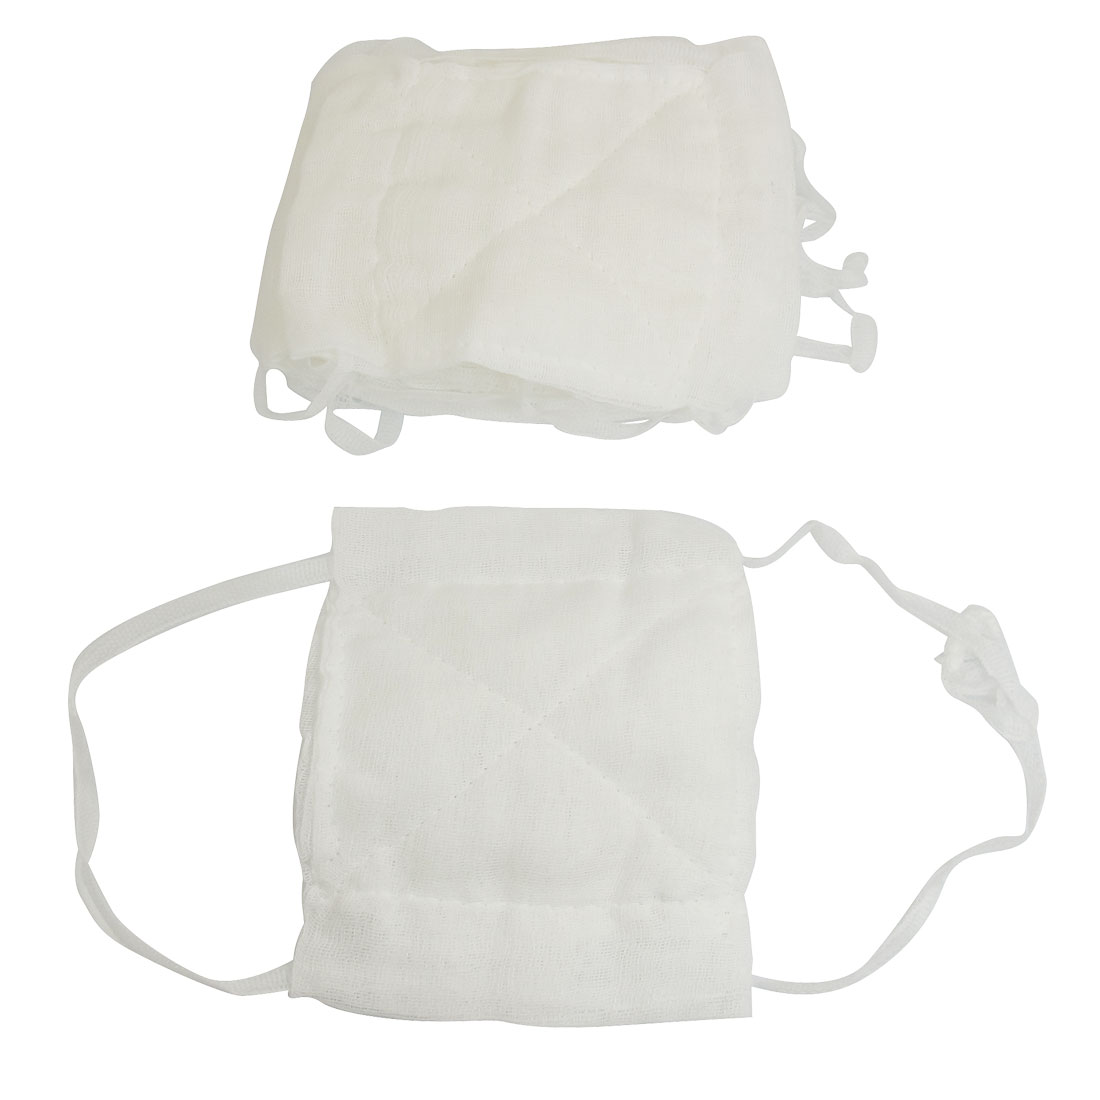 13cm x 16cm Washable Health White Gauze Coverd Face Mouth Mask 10 Pcs